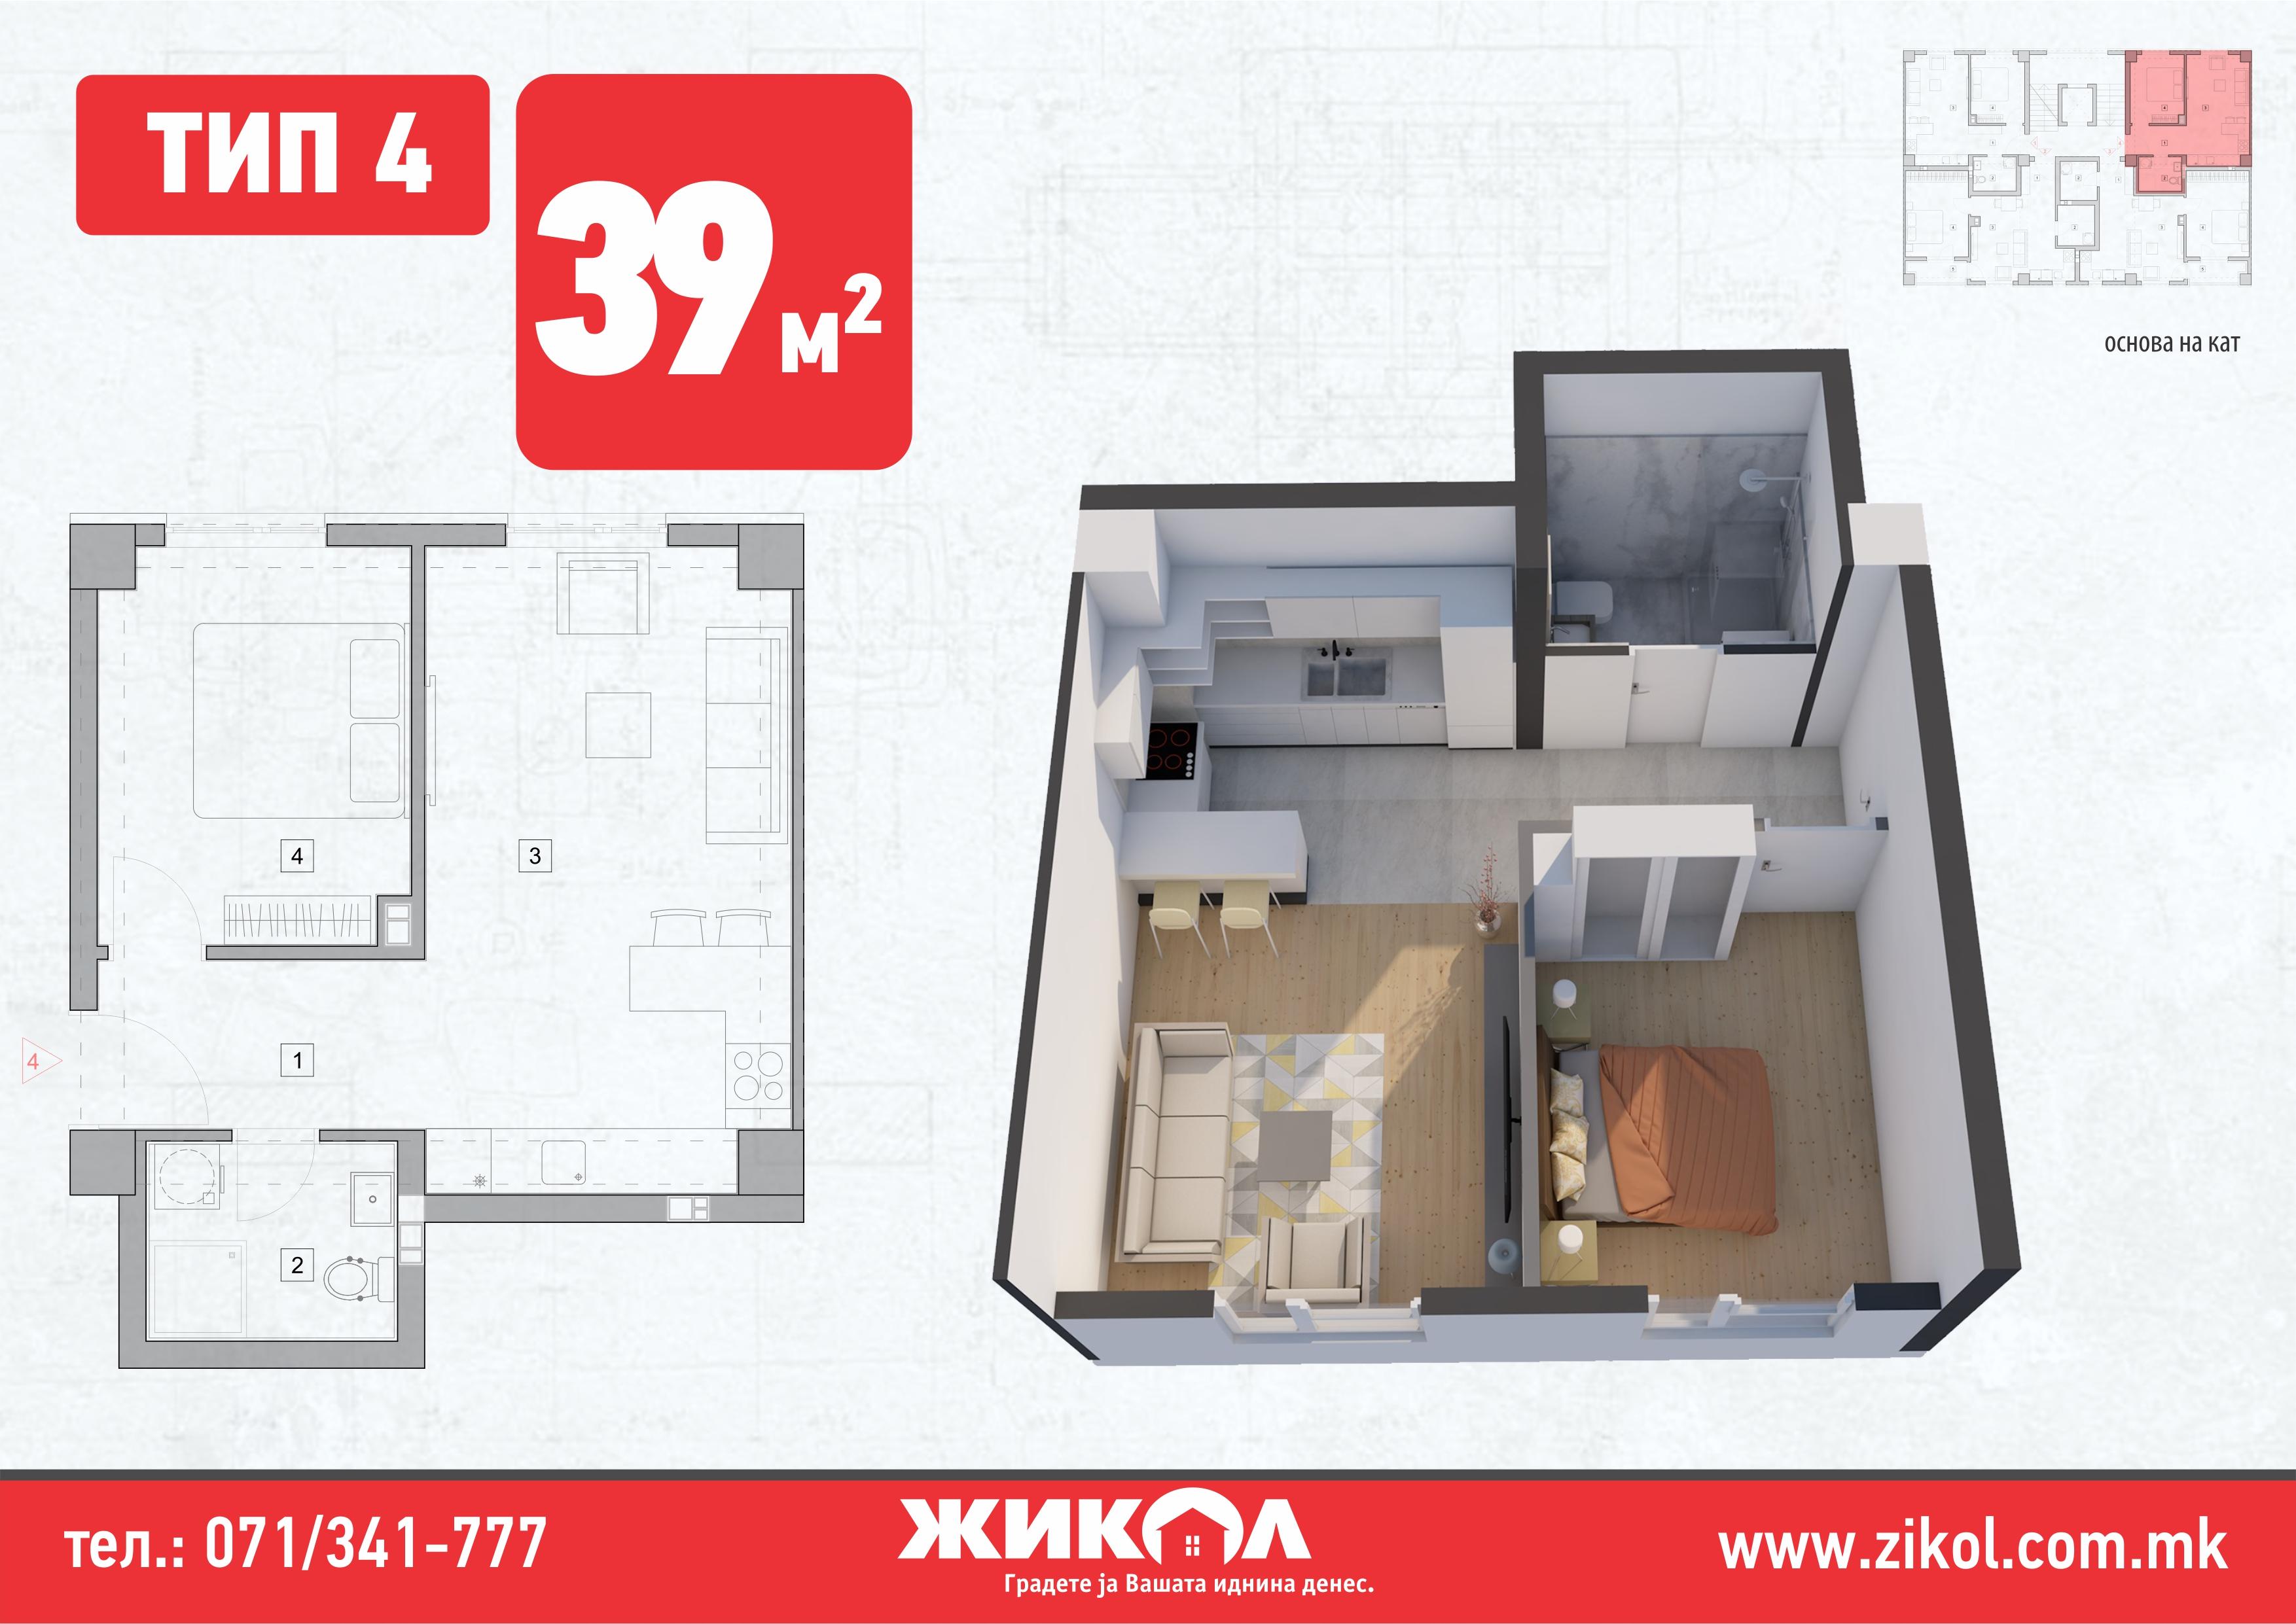 зграда 7, приземје, стан 4